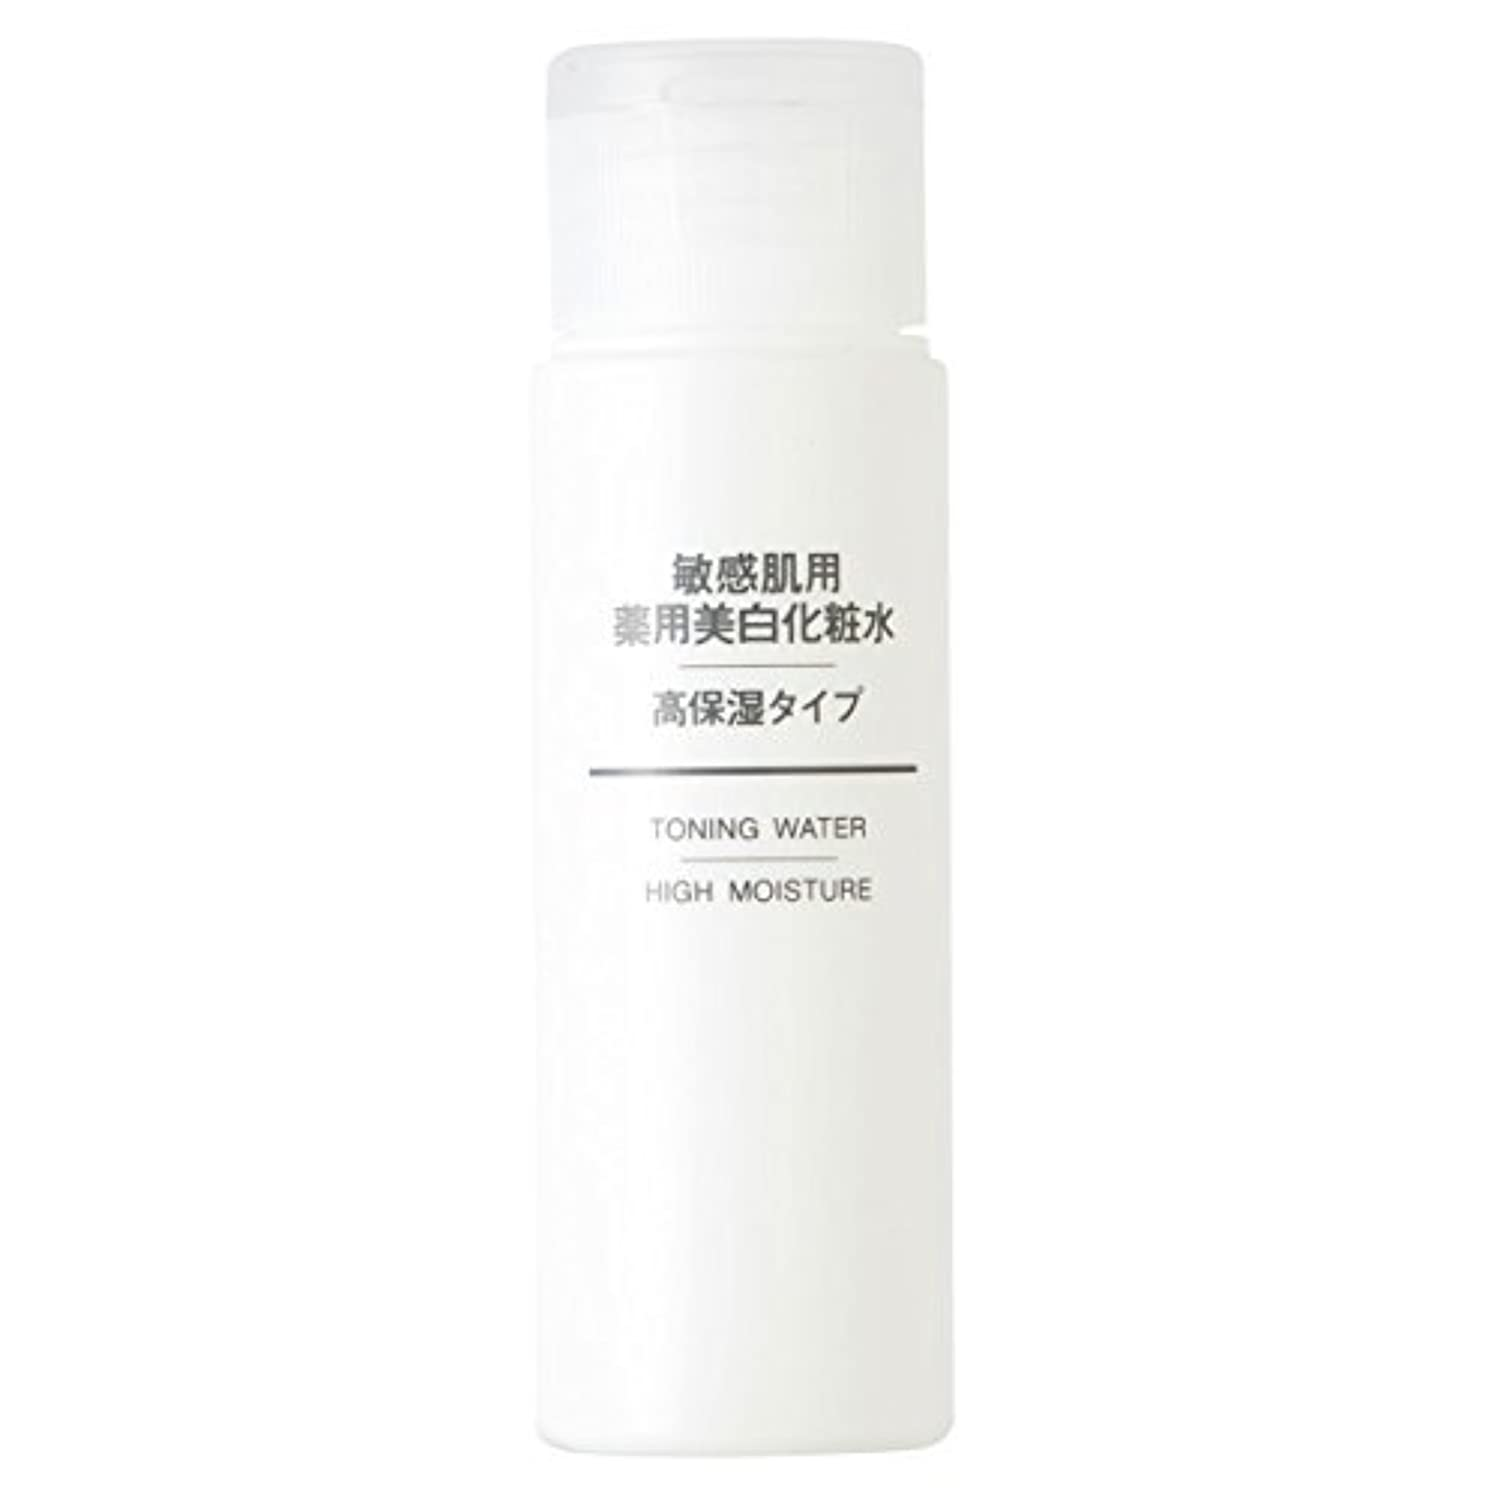 用心する小切手潜在的な無印良品 敏感肌用 薬用美白化粧水 高保湿タイプ(携帯用) (新)50ml